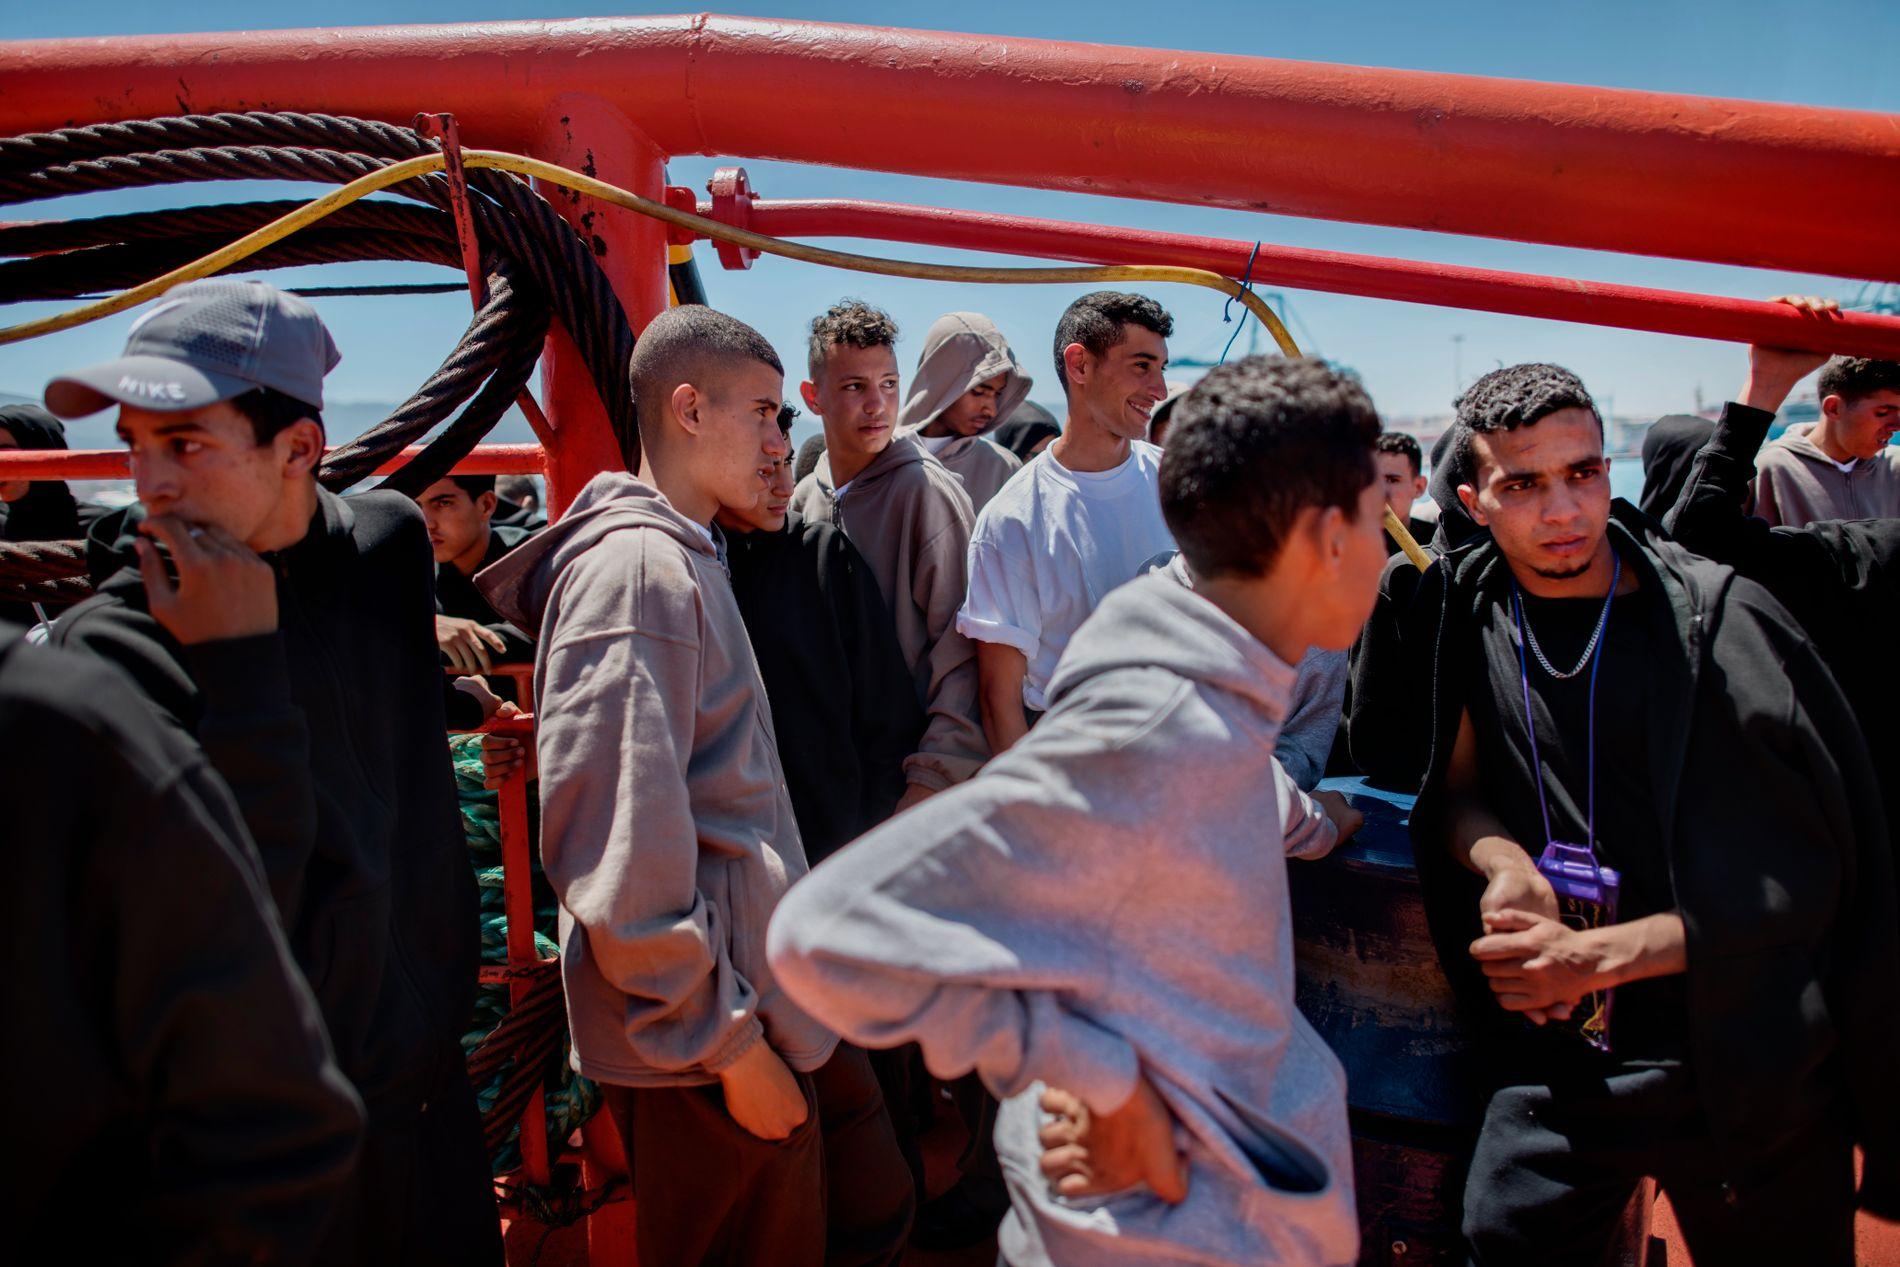 MIGRANTER: Migrantrutene i Europa snudde i 2018. Nå kommer flest migranter sjøveien fra Marokko og Algerie til sør-Spania. Her unge marokkanske migranter som har blitt plukket opp av kystvakten i den sørspanske byen Algeciras.